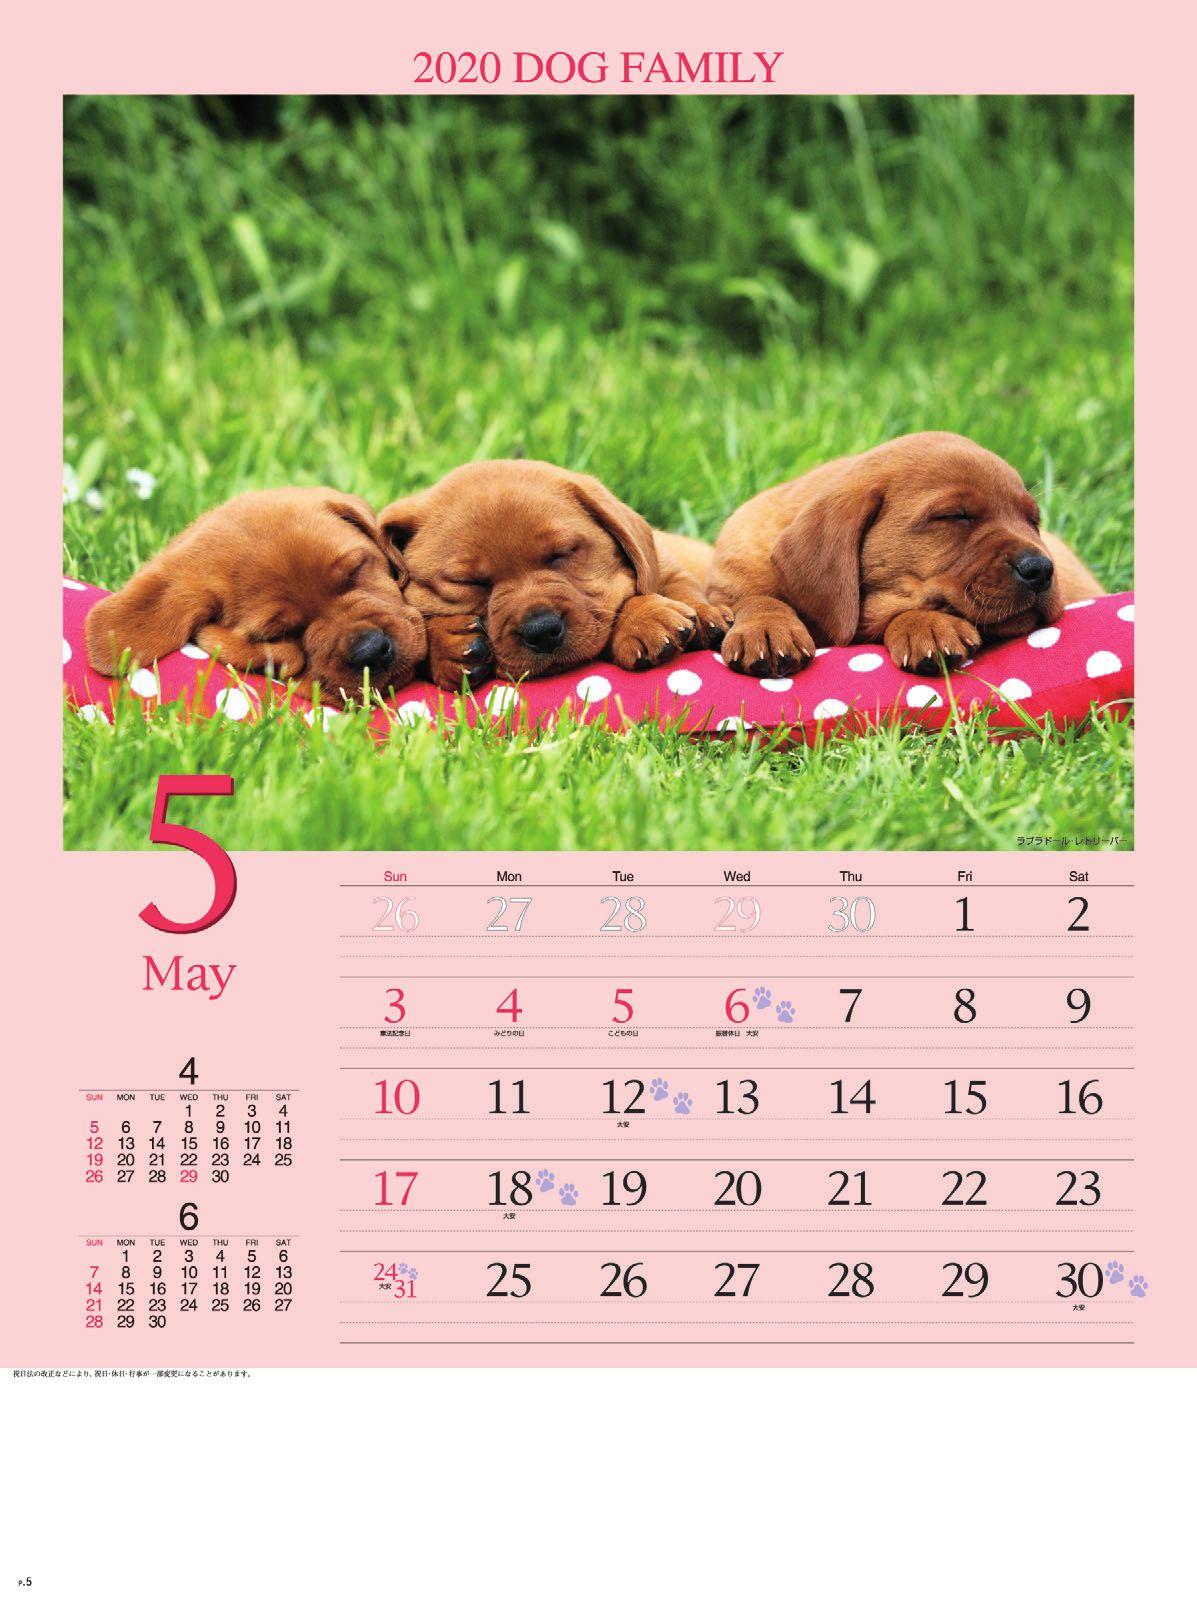 画像:ラブラドール・レトリーバー ドッグファミリー 2020年カレンダー